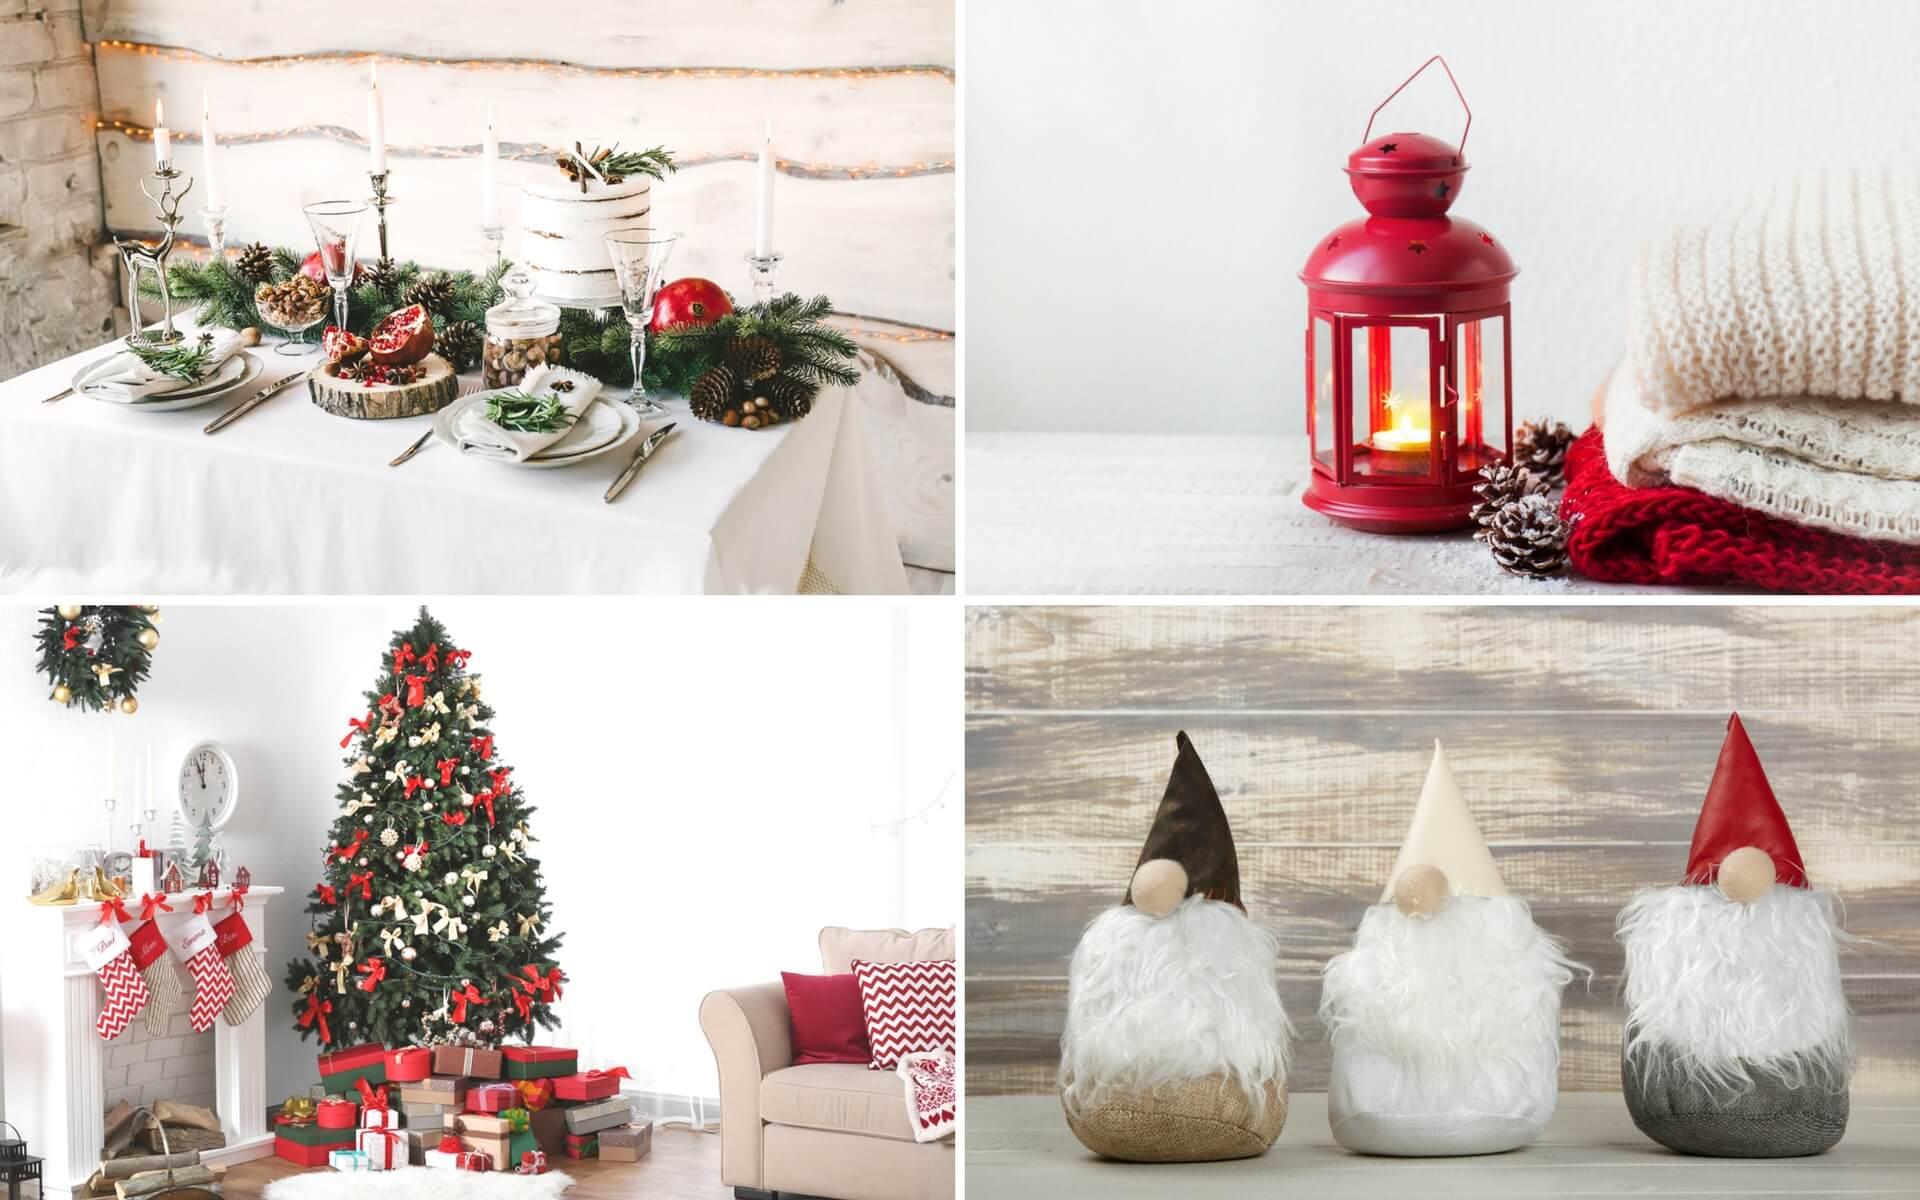 Addobbi Natalizi Moderni.Come Addobbare La Casa A Natale Blog Oknoplast